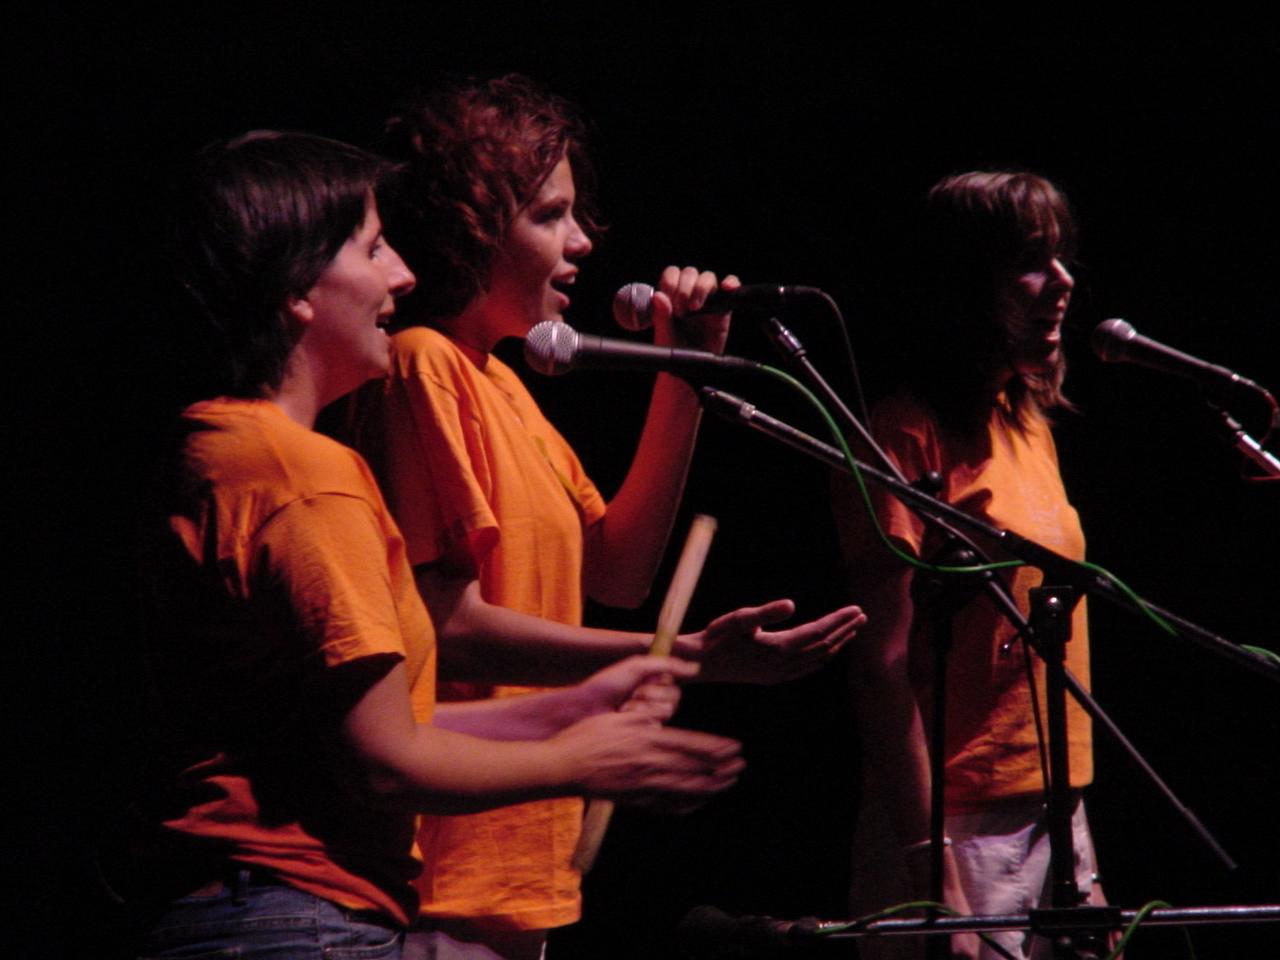 2003 - festa CD pantone 15 05